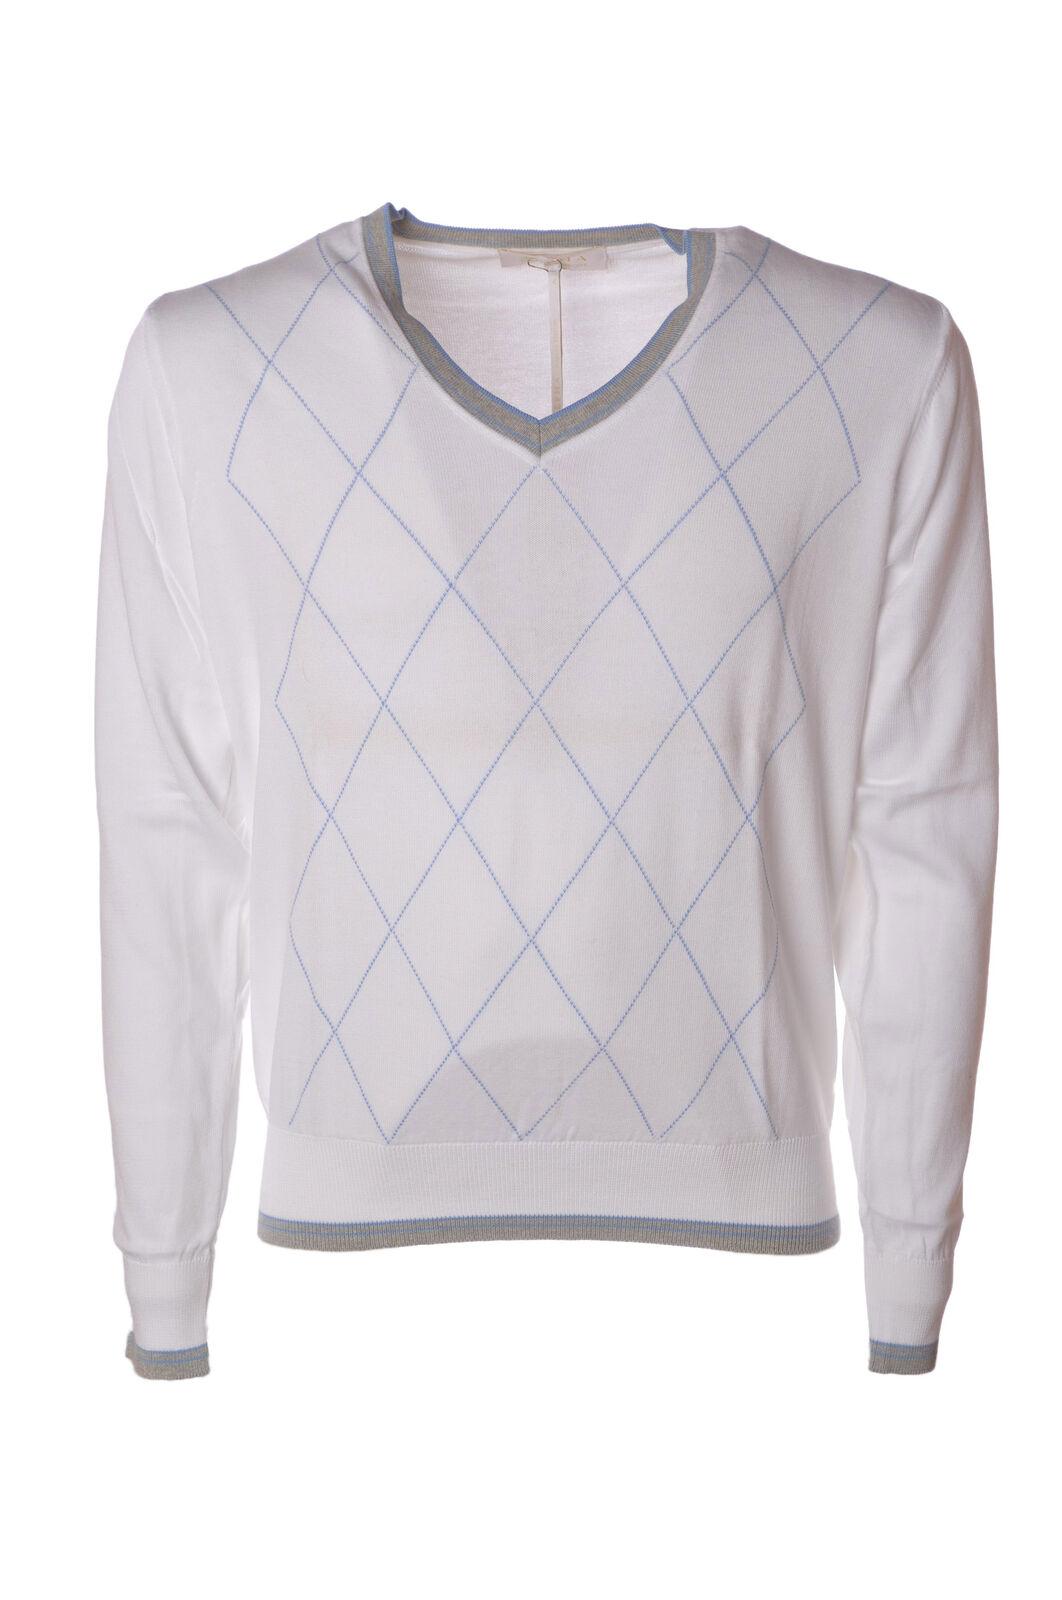 Alpha - Knitwear-schweißers - Man - Weiß - 4625006L190913